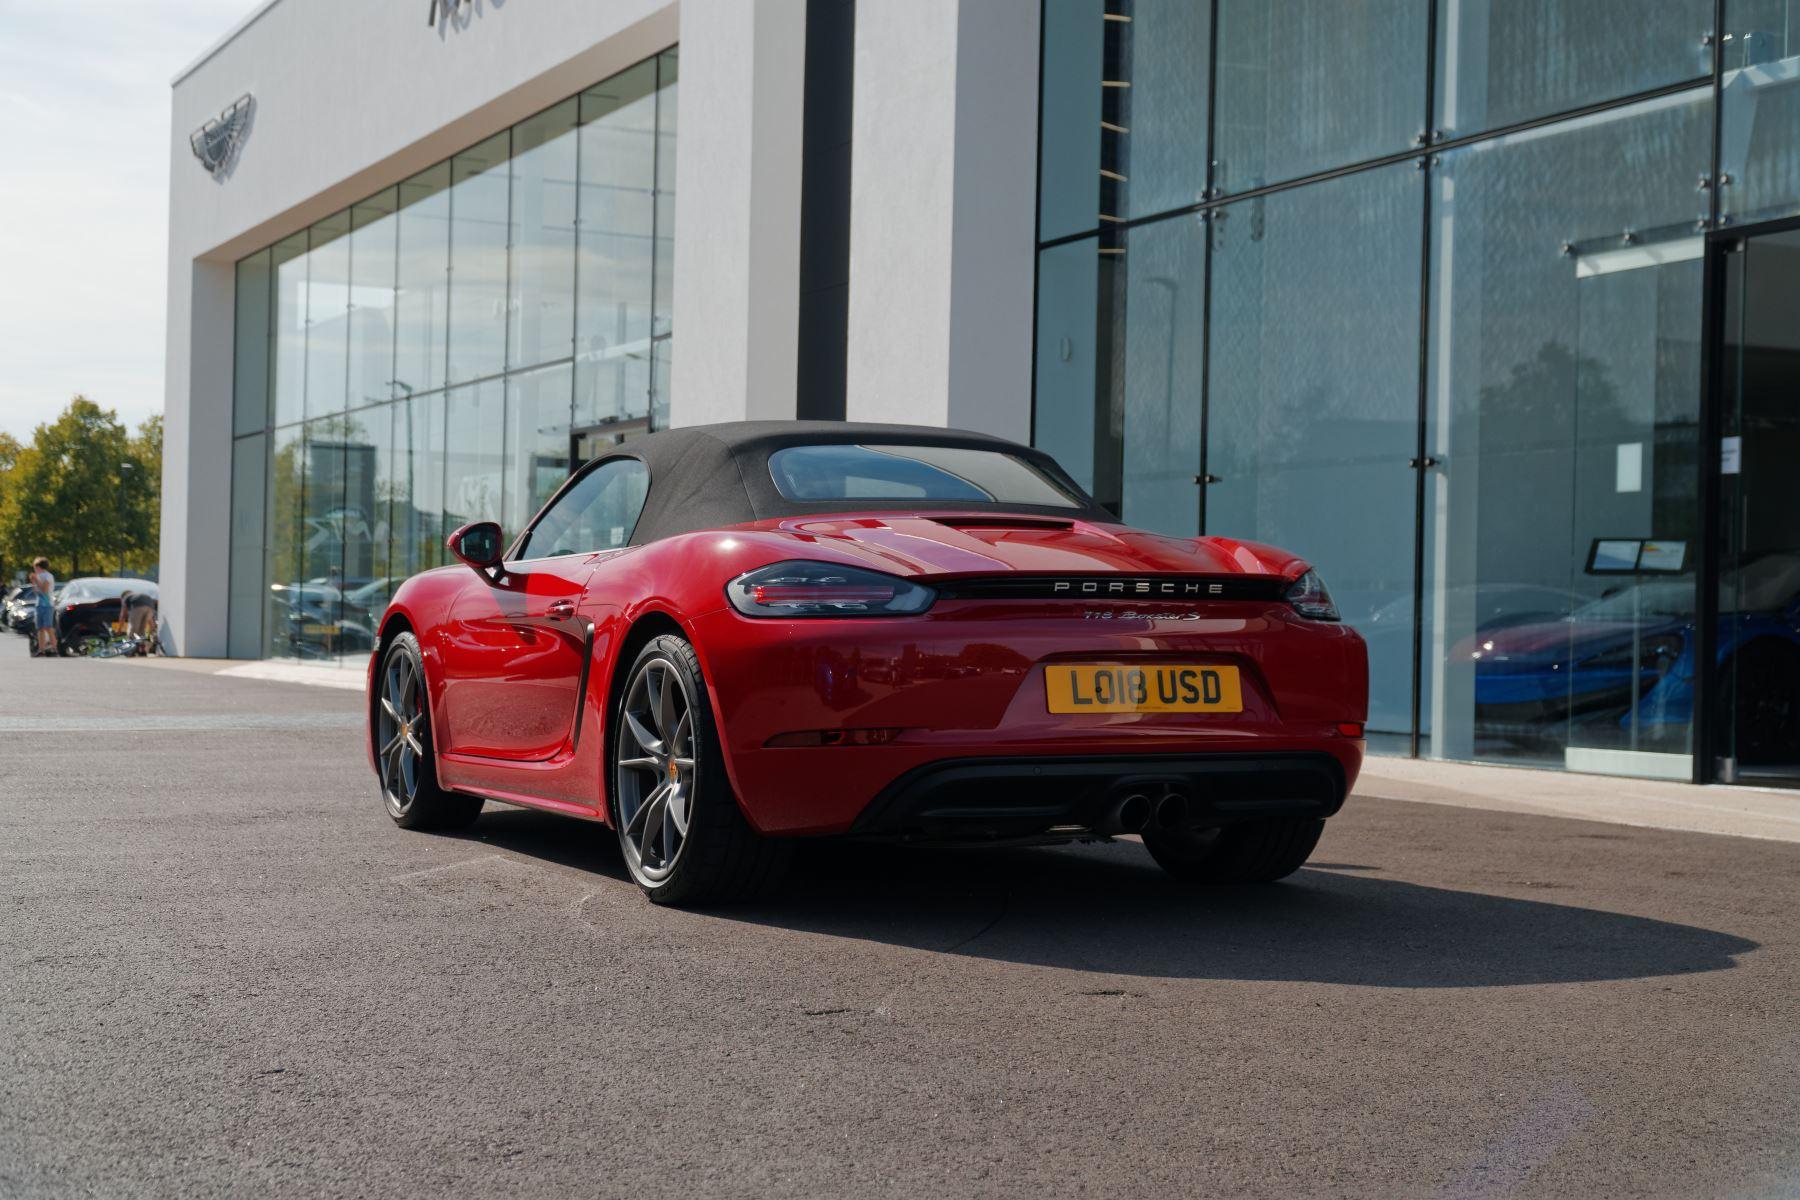 Porsche Boxster S image 4